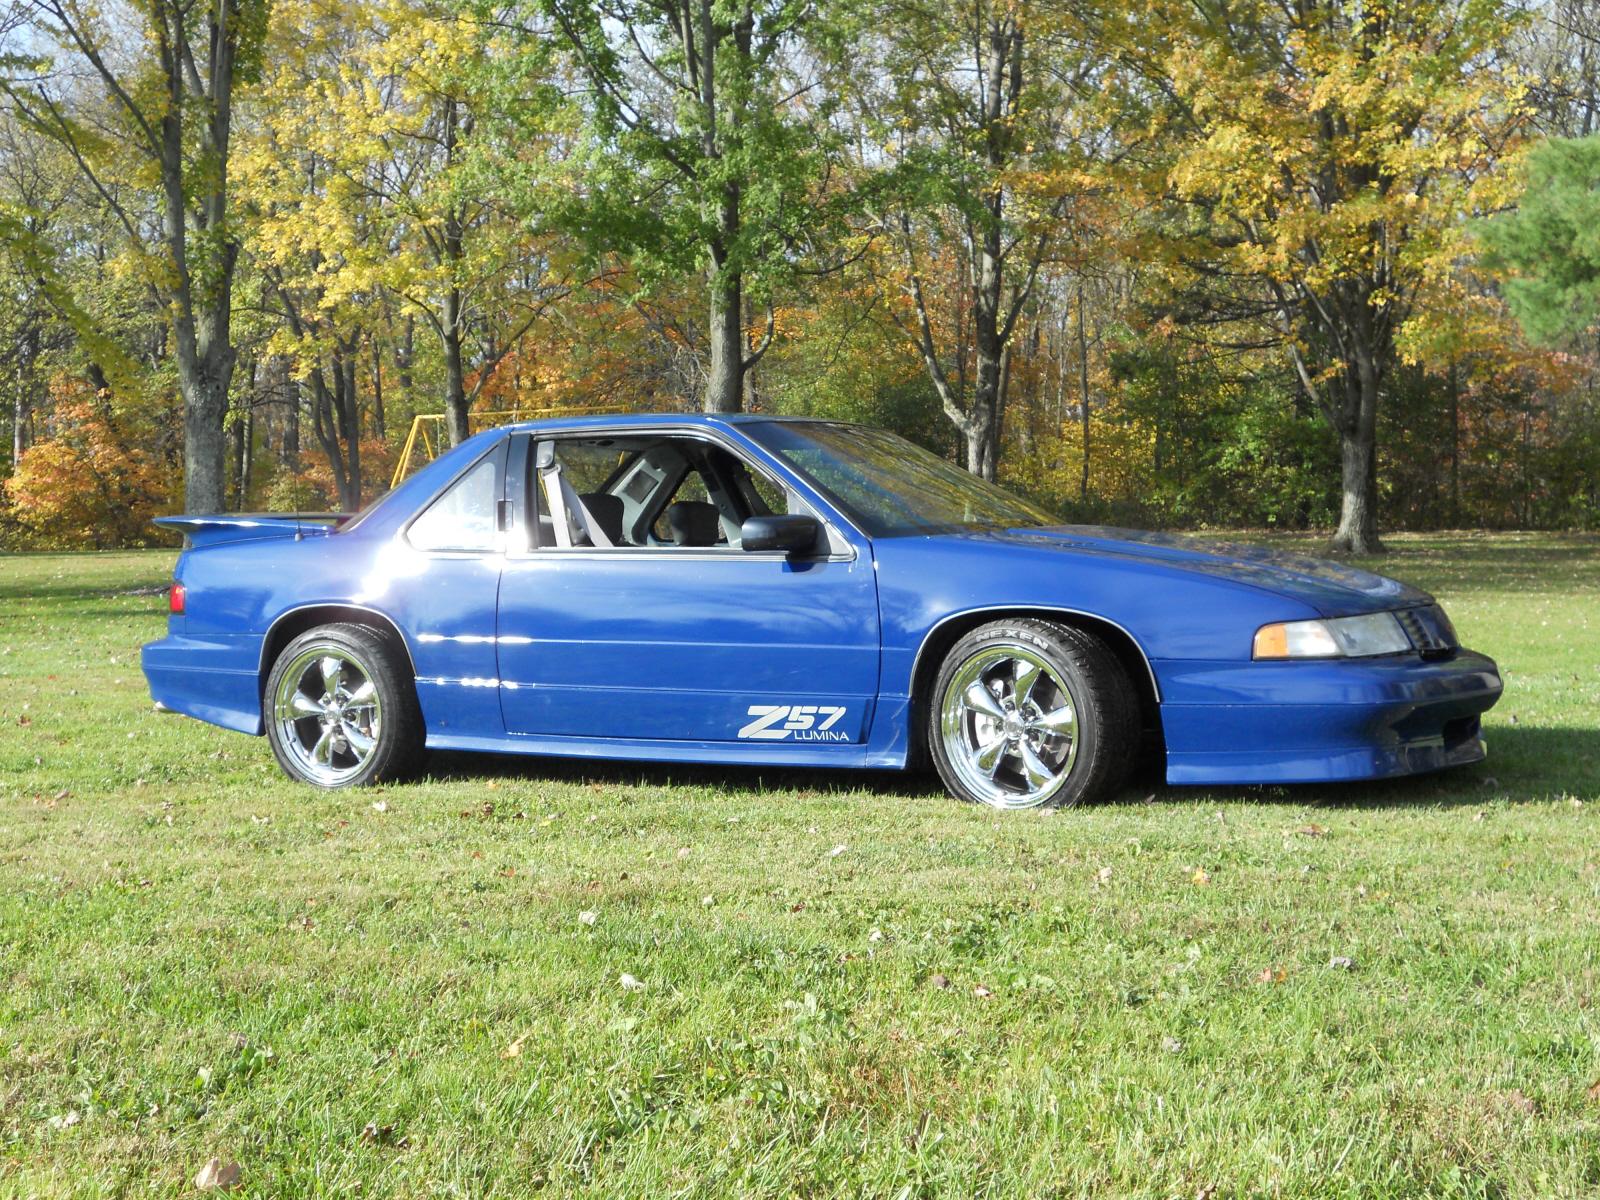 Z on 1992 Chevrolet Lumina 3 1 Engine